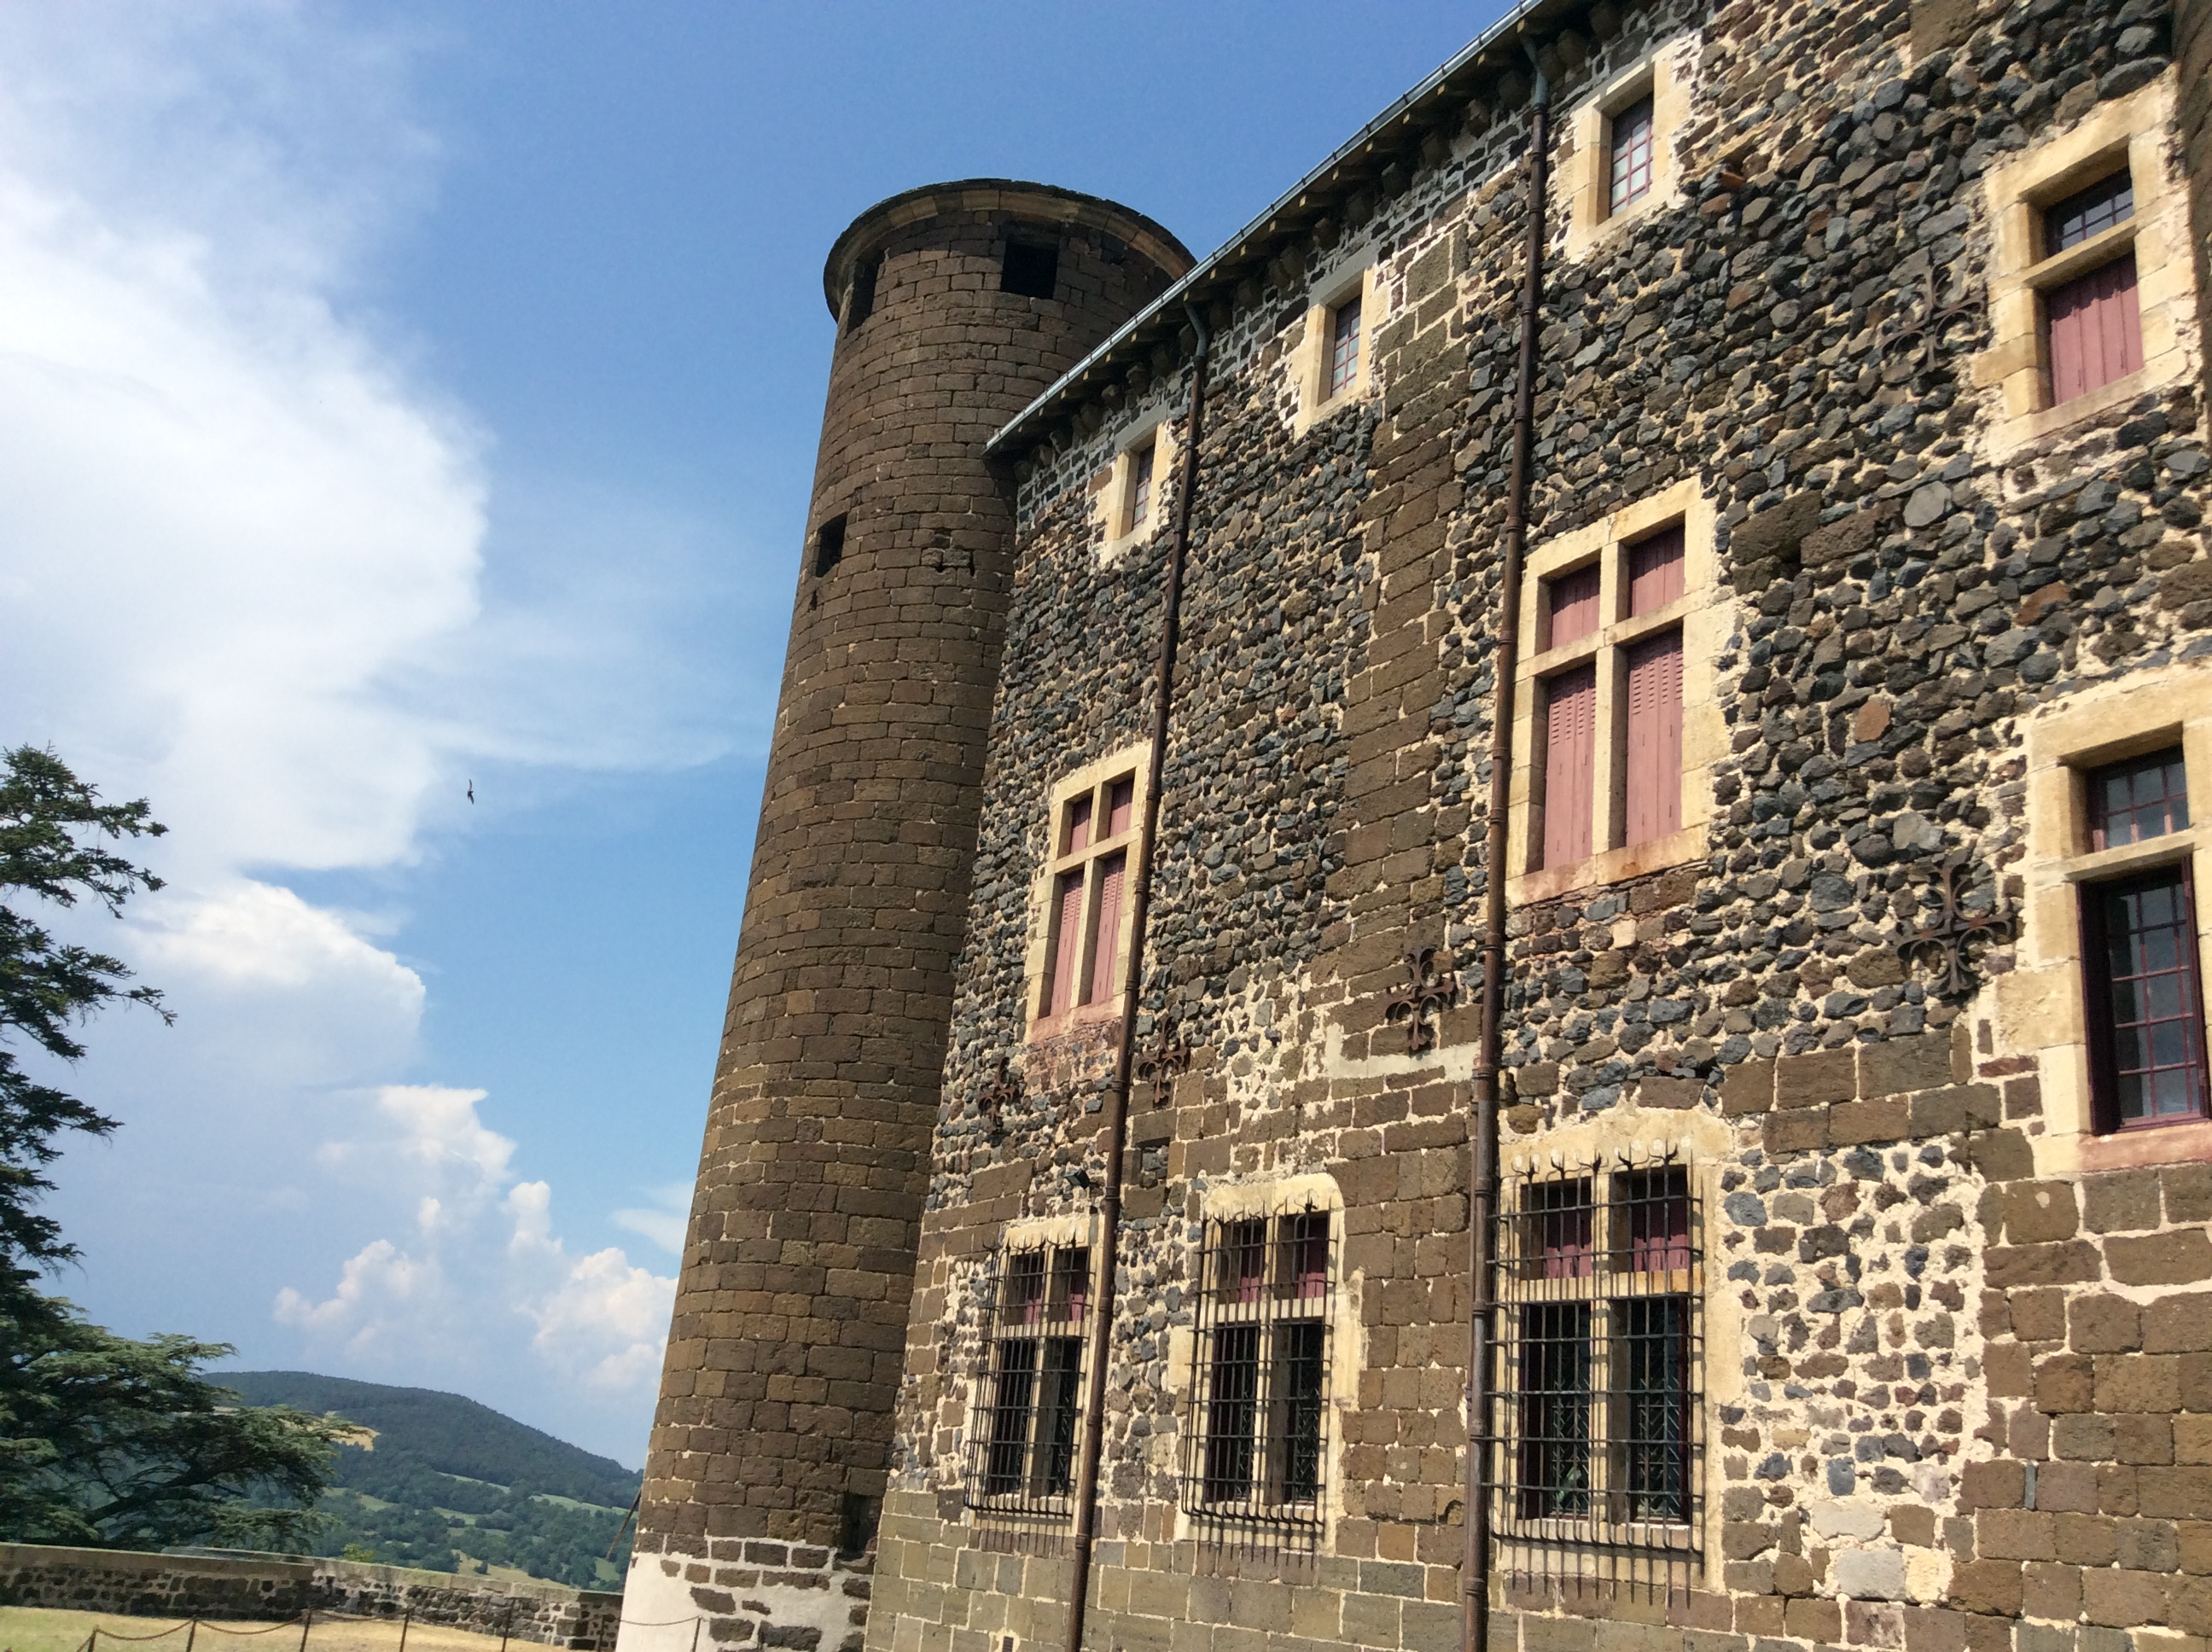 château de bouzols arsac en Velay entretien avec jean louis beaud de brive propriétaire